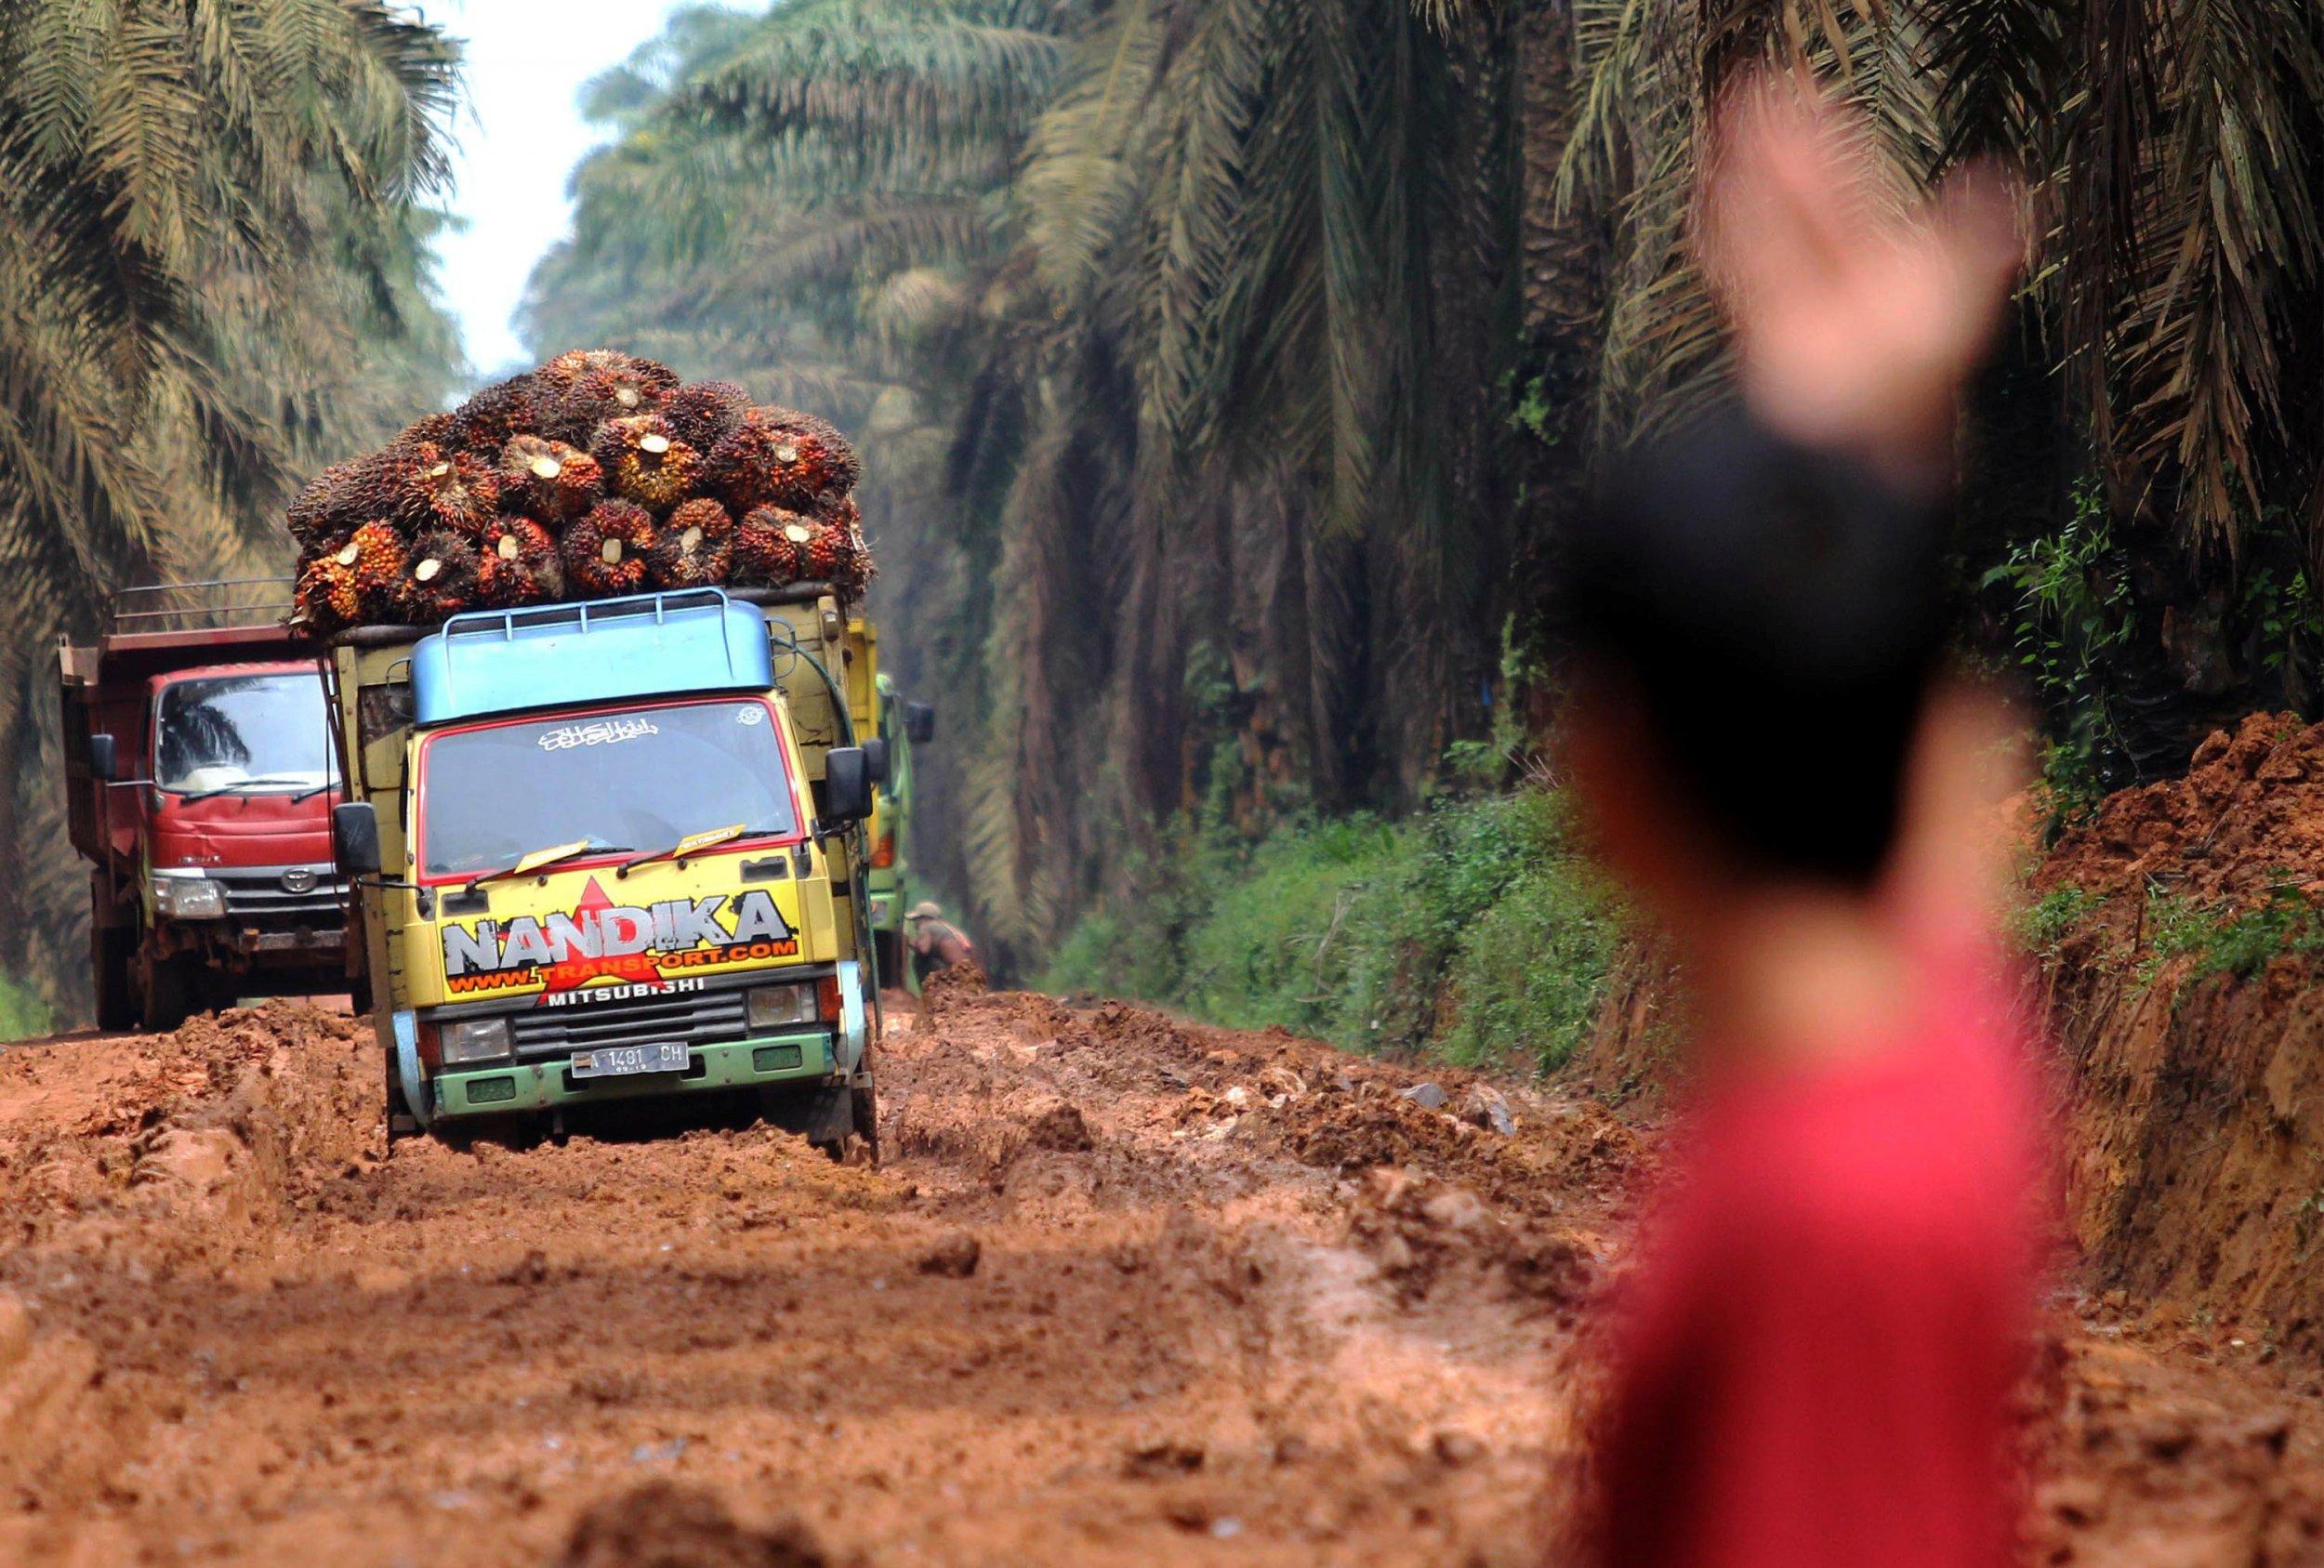 palm oil fruit trucks